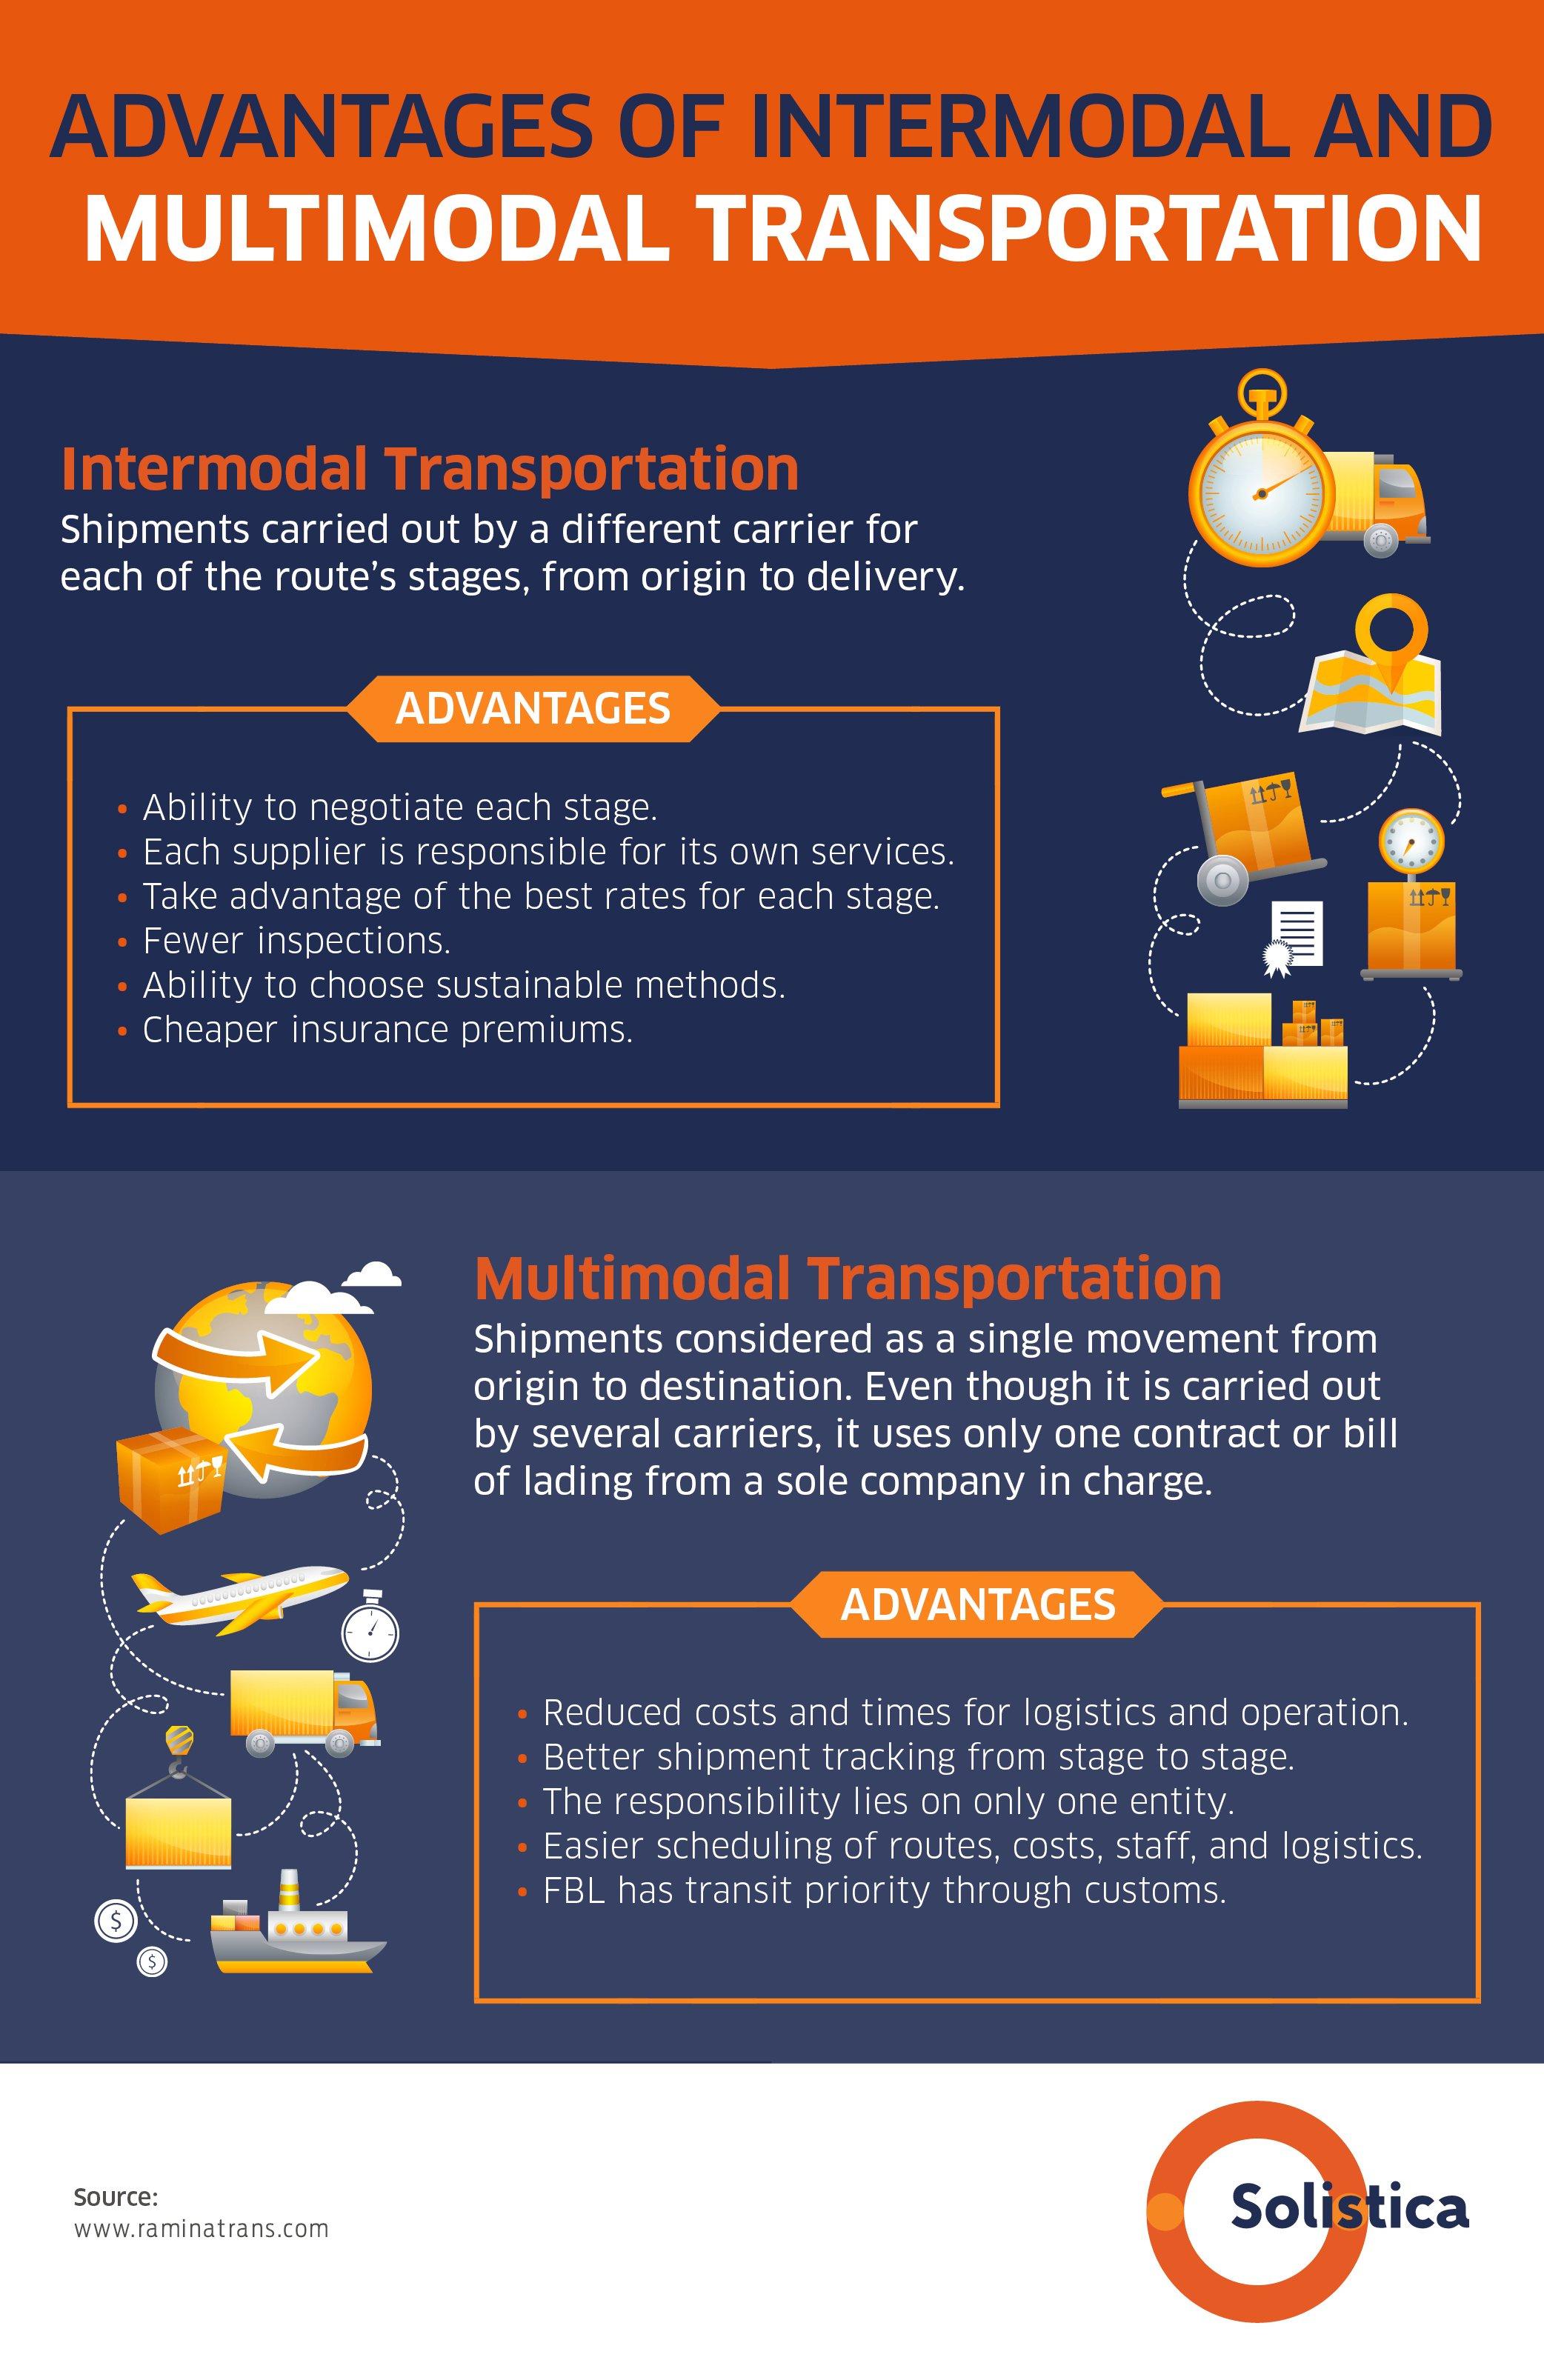 NUEVO- 7 DIC Transporte intermodal vs. multimodal V3 (1) trad rev final 820 palabras copy